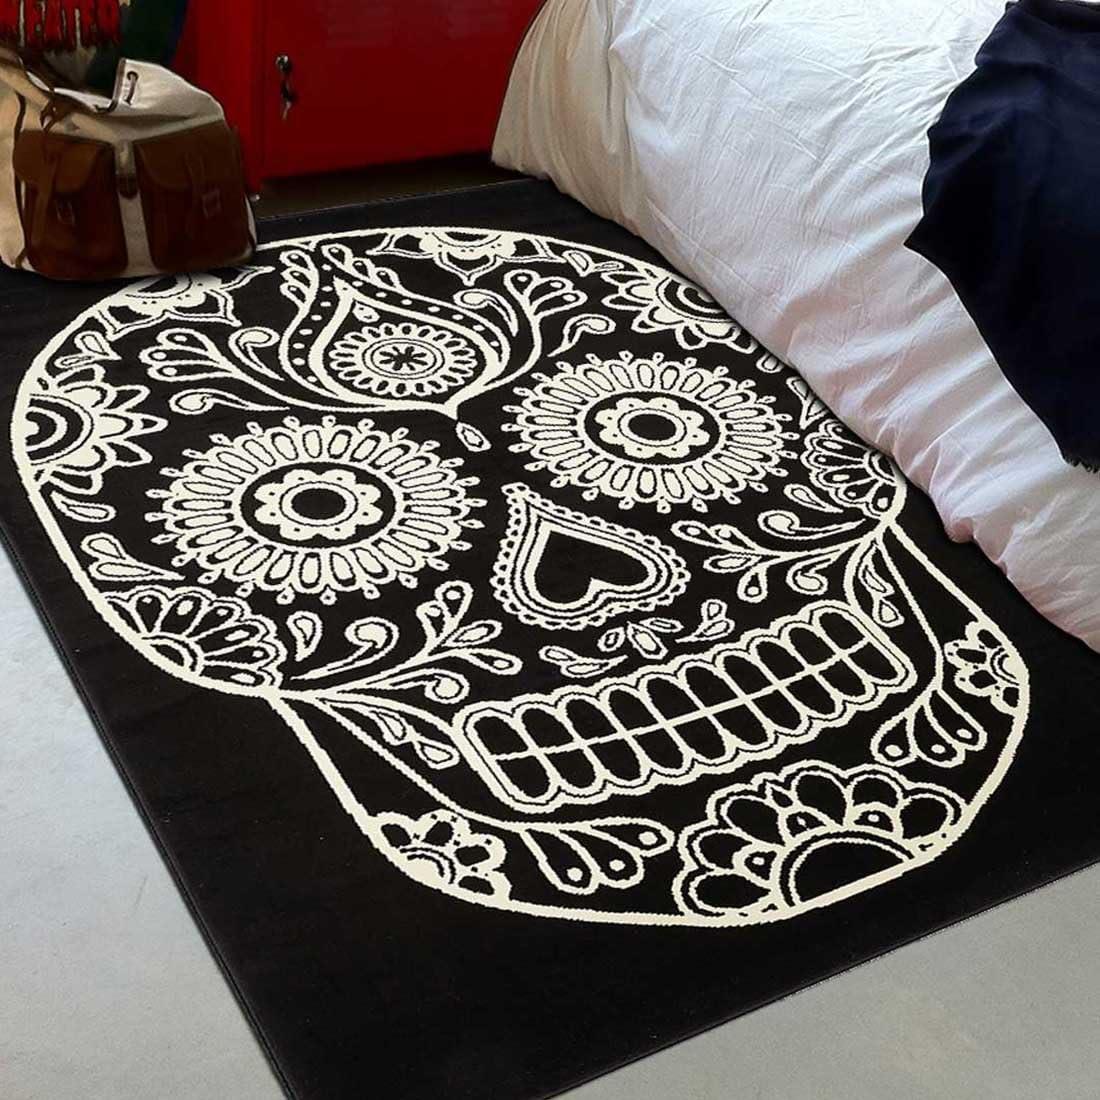 tapis enfant 4275 /écru 60 x 110 cm tapis pour la chambre bc mexican skull noir UN AMOUR DE TAPIS